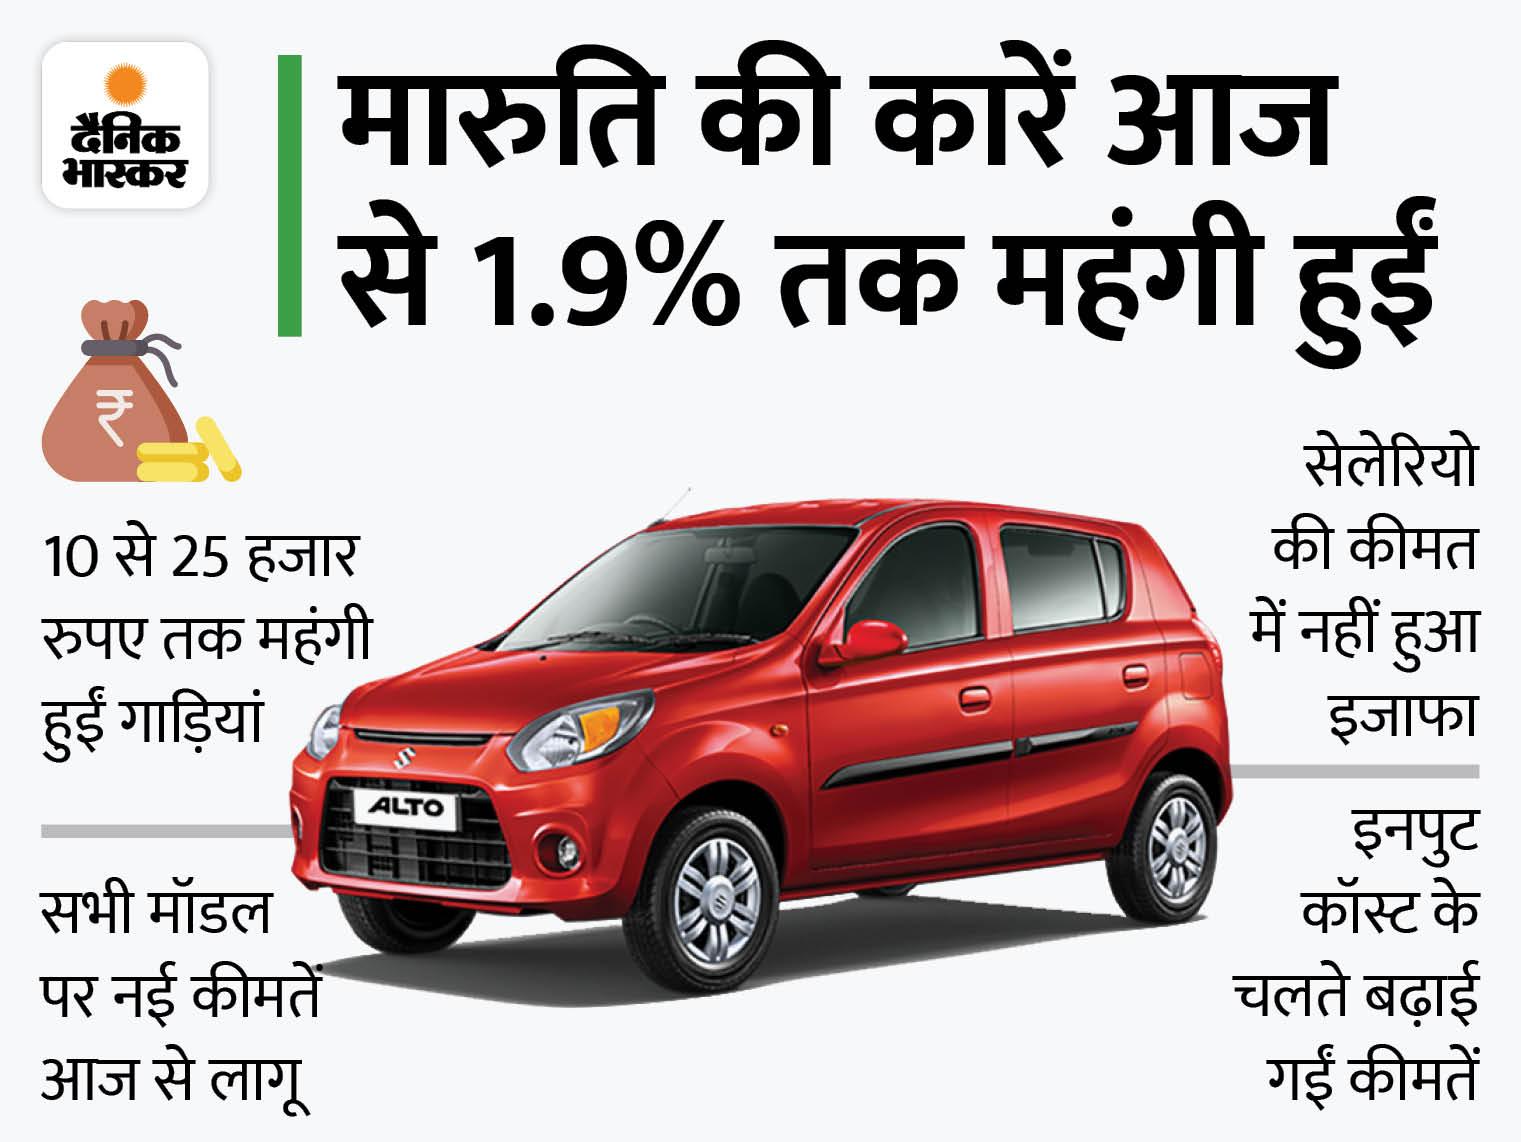 आज से कार खरीदने पर 25 हजार रुपए तक ज्यादा करने होंगे खर्च, सबसे सस्ती ऑल्टो भी 18 हजार रुपए तक महंगी हुई|टेक & ऑटो,Tech & Auto - Dainik Bhaskar